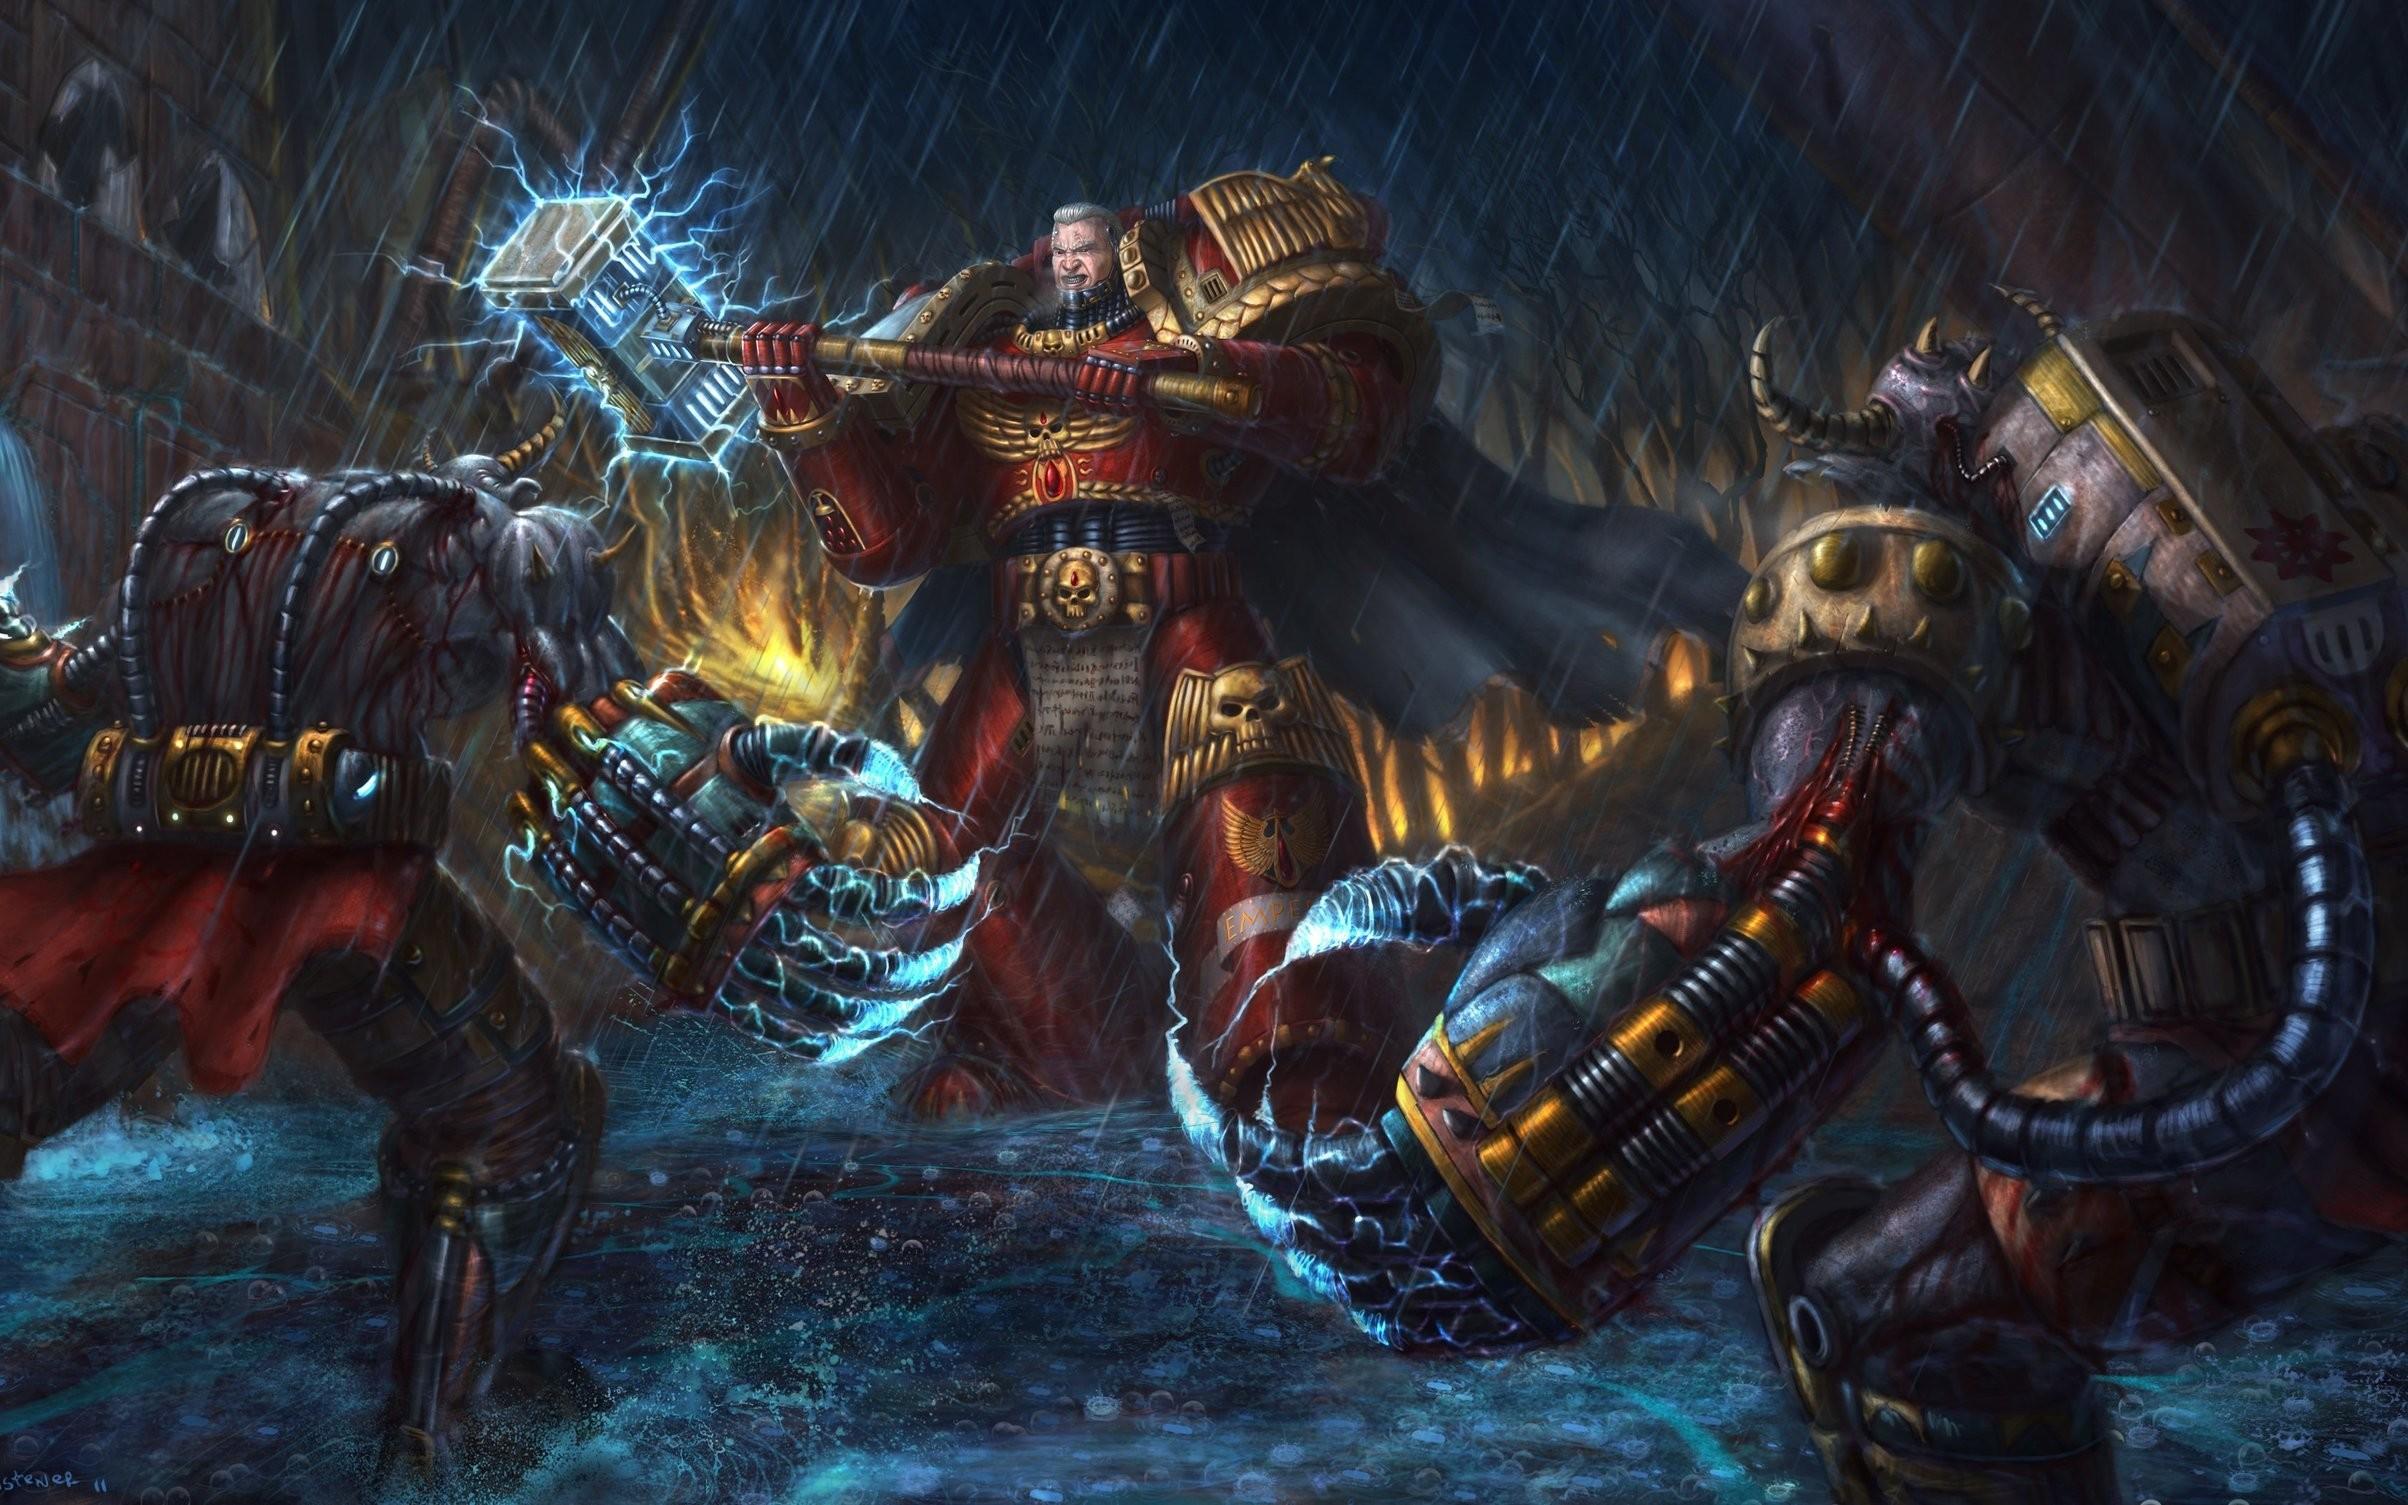 [39+] Warhammer 40k Chaos Wallpaper on WallpaperSafari